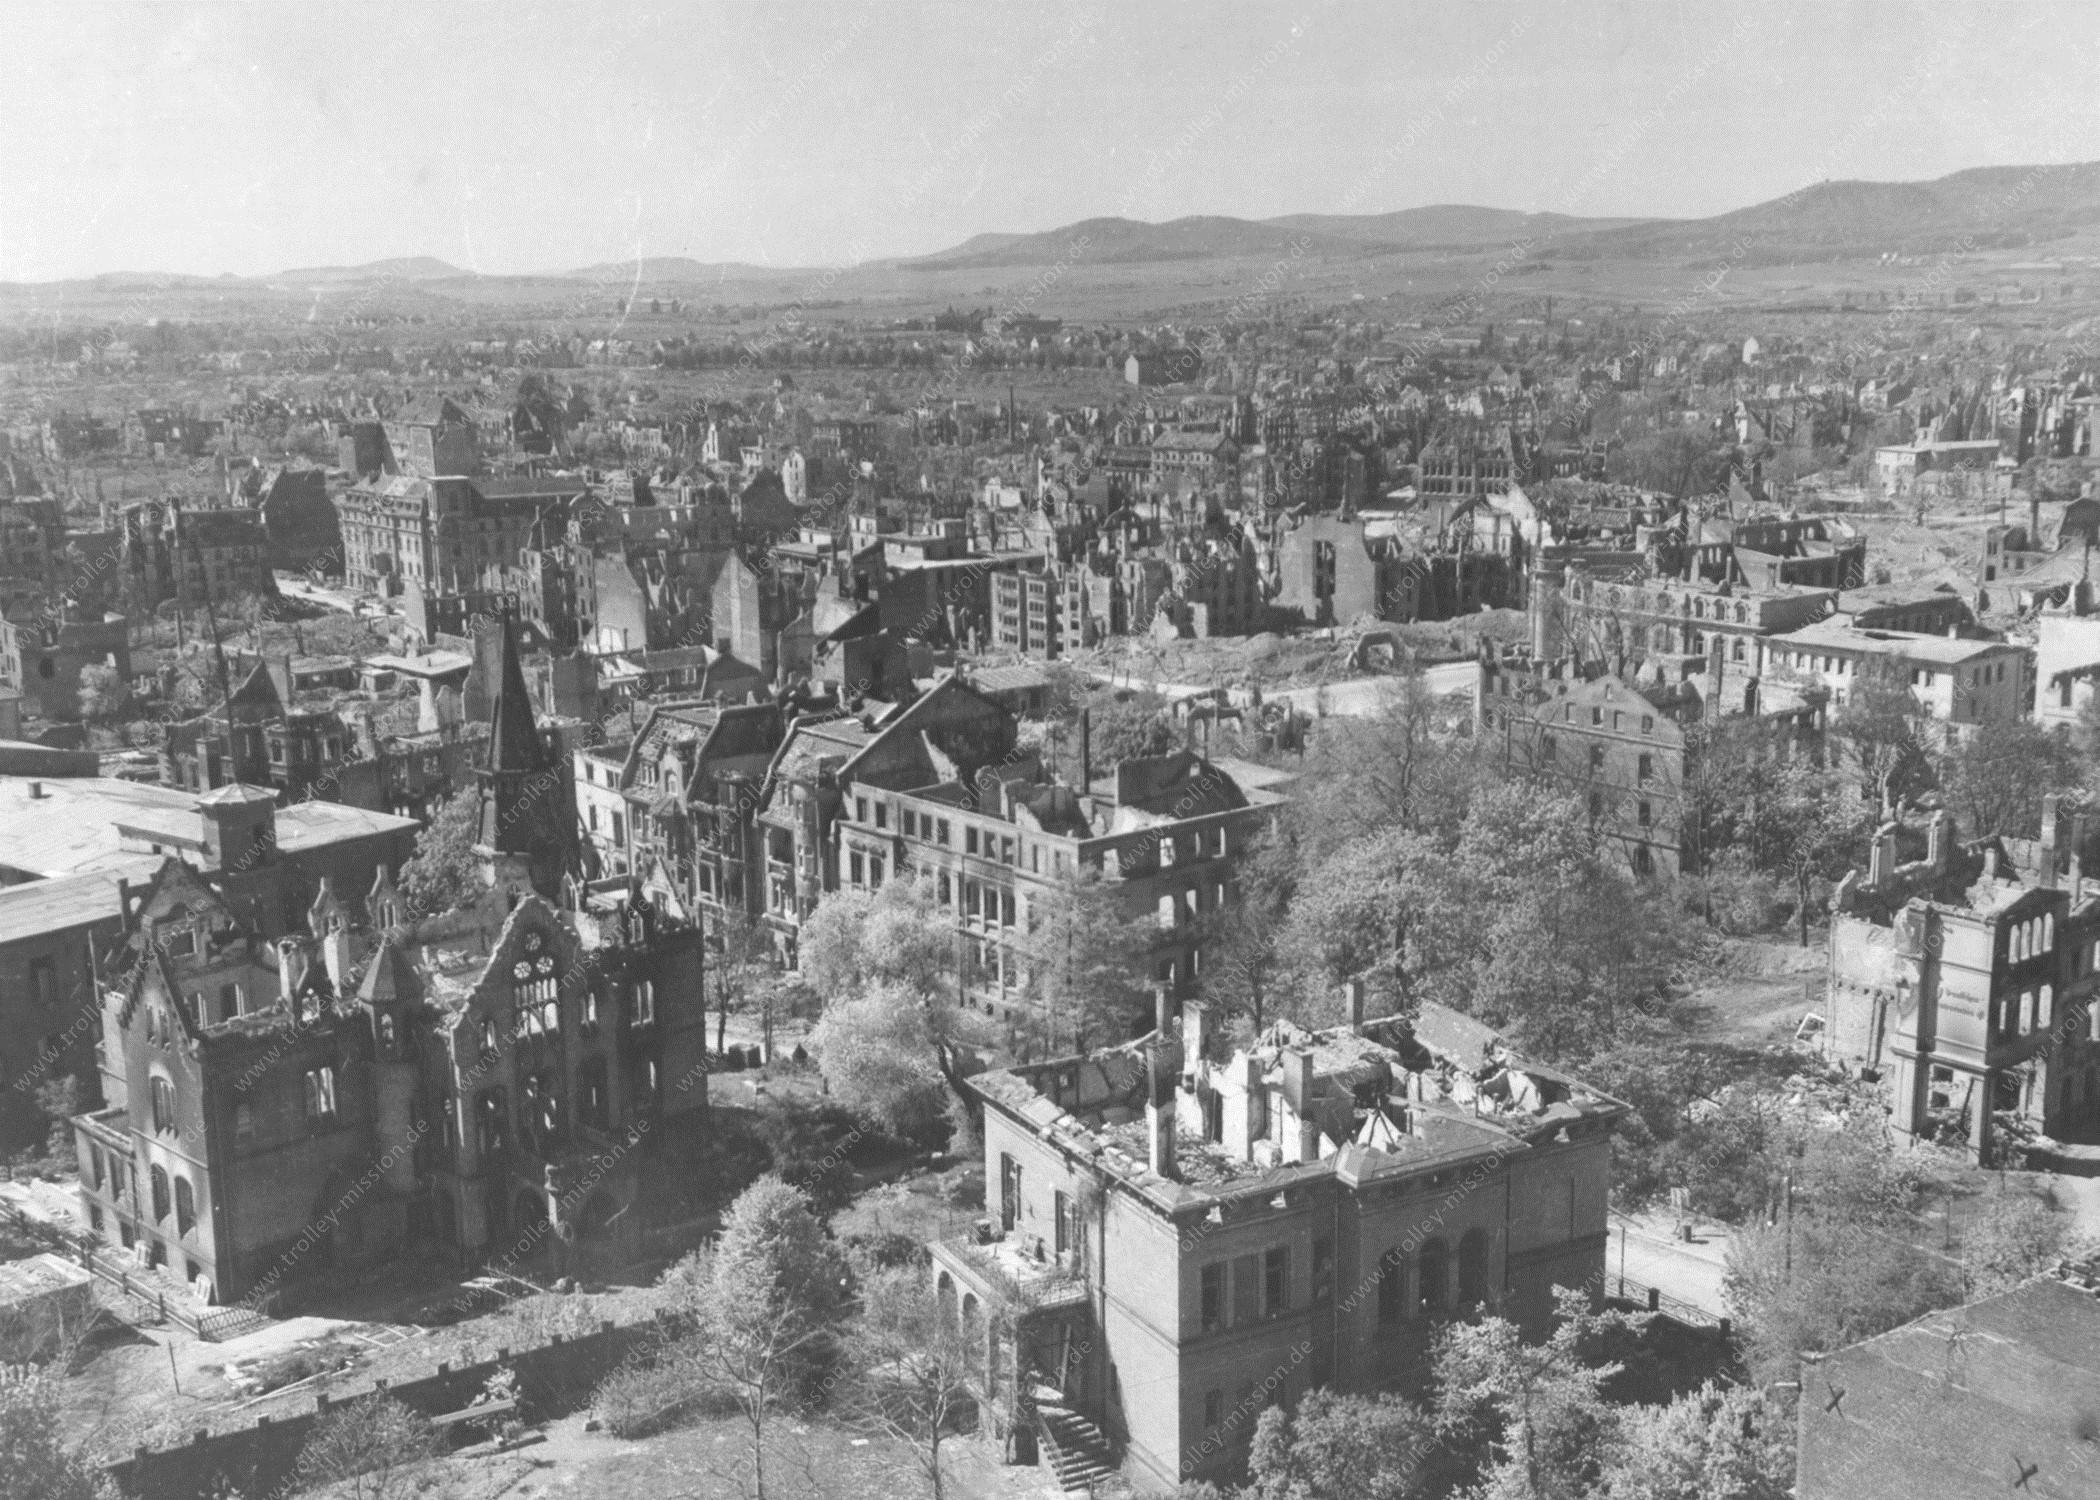 Kassel - Unbekanntes Foto aus dem Zweiten Weltkrieg (USASC-66)